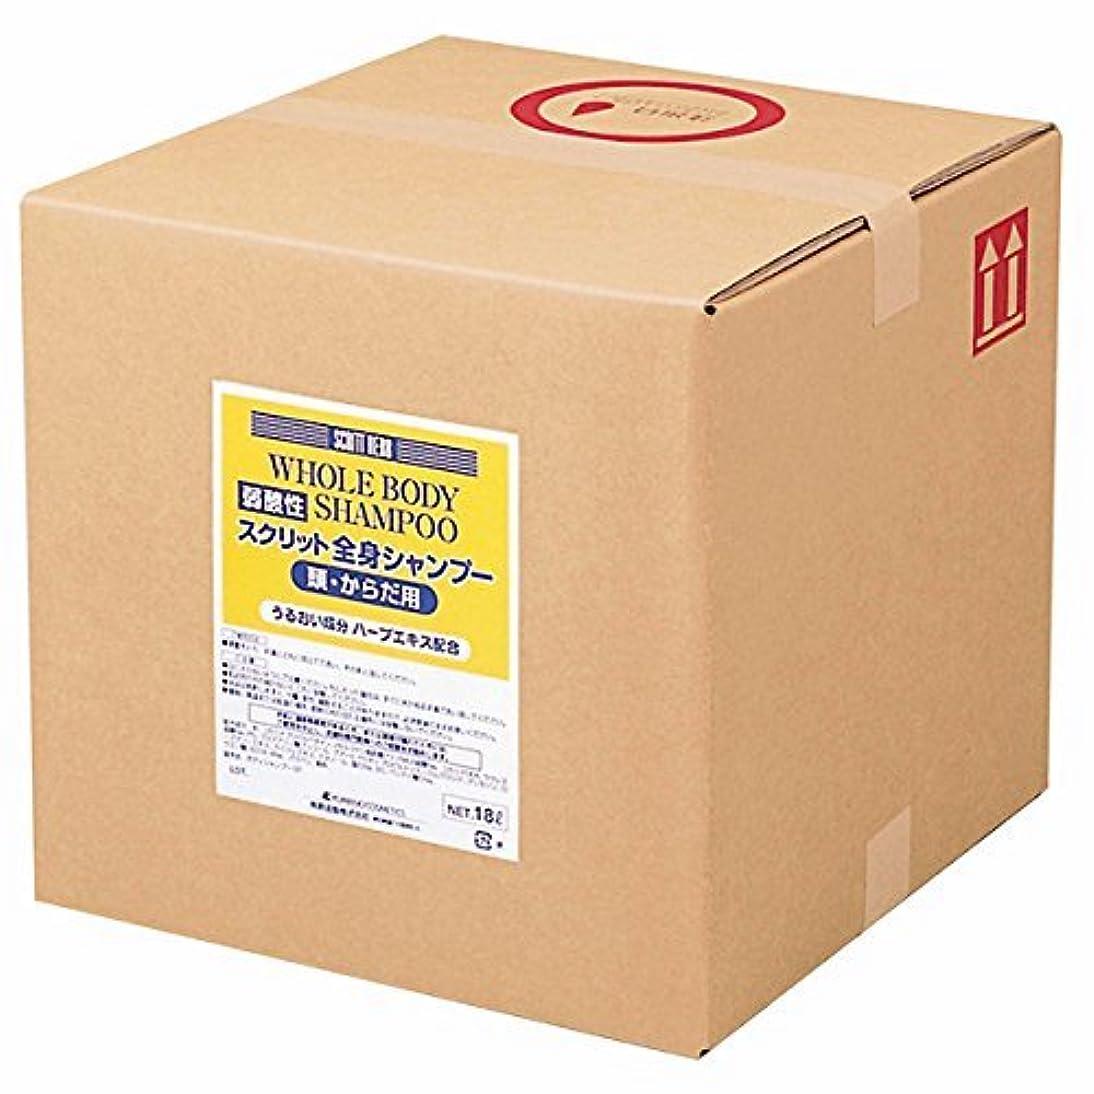 大混乱薬別の熊野油脂 業務用 SCRITT(スクリット) 全身シャンプー 18L